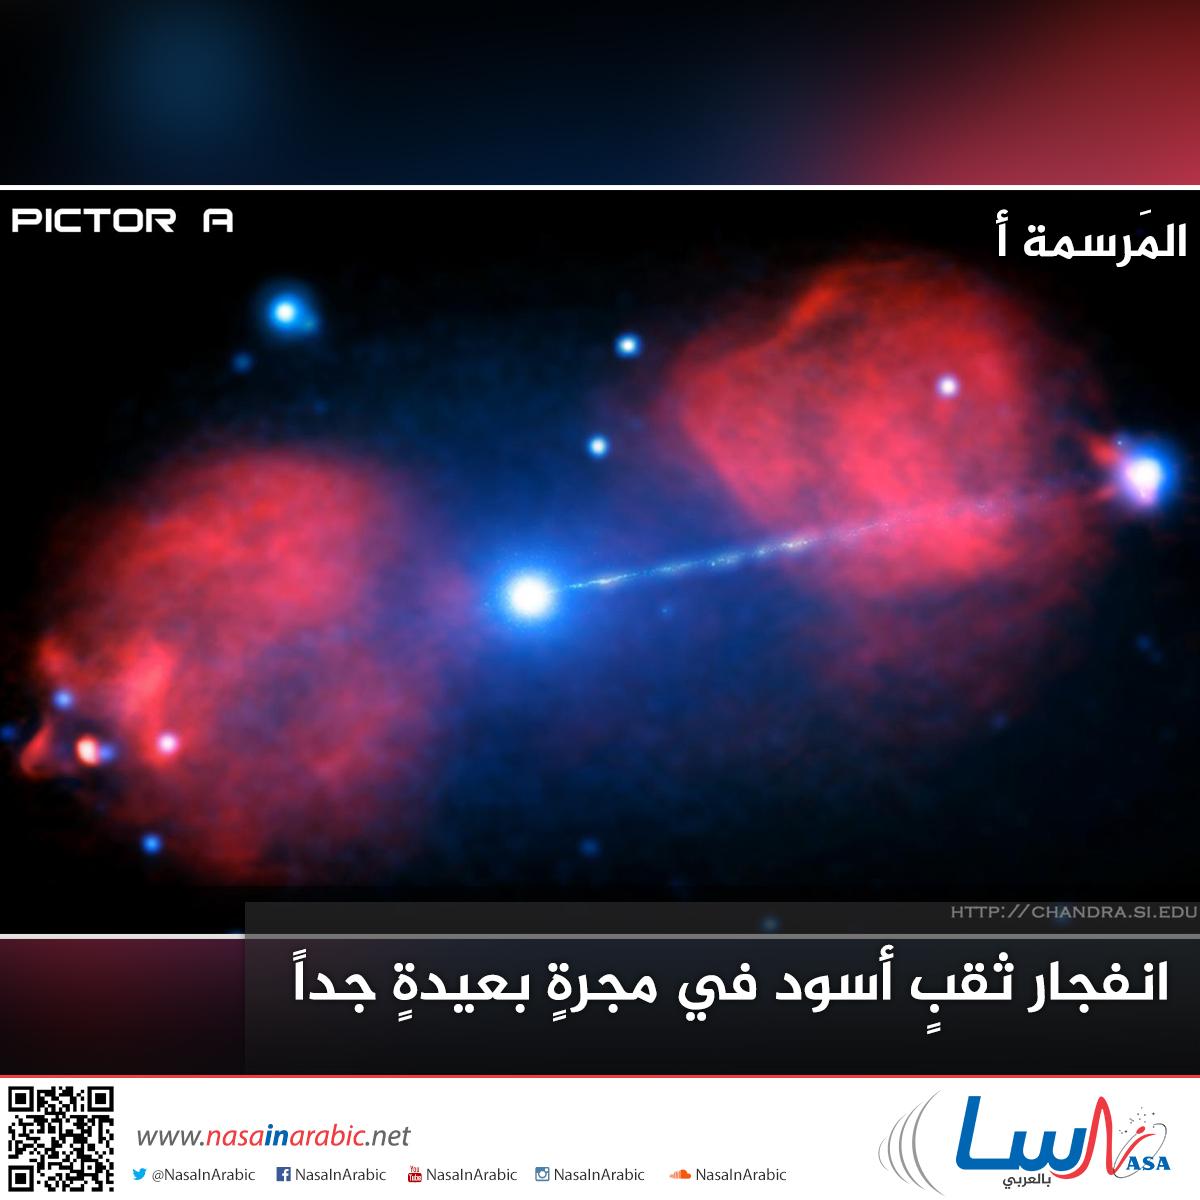 انفجار ثقبٍ أسود في مجرةٍ بعيدةٍ جداً